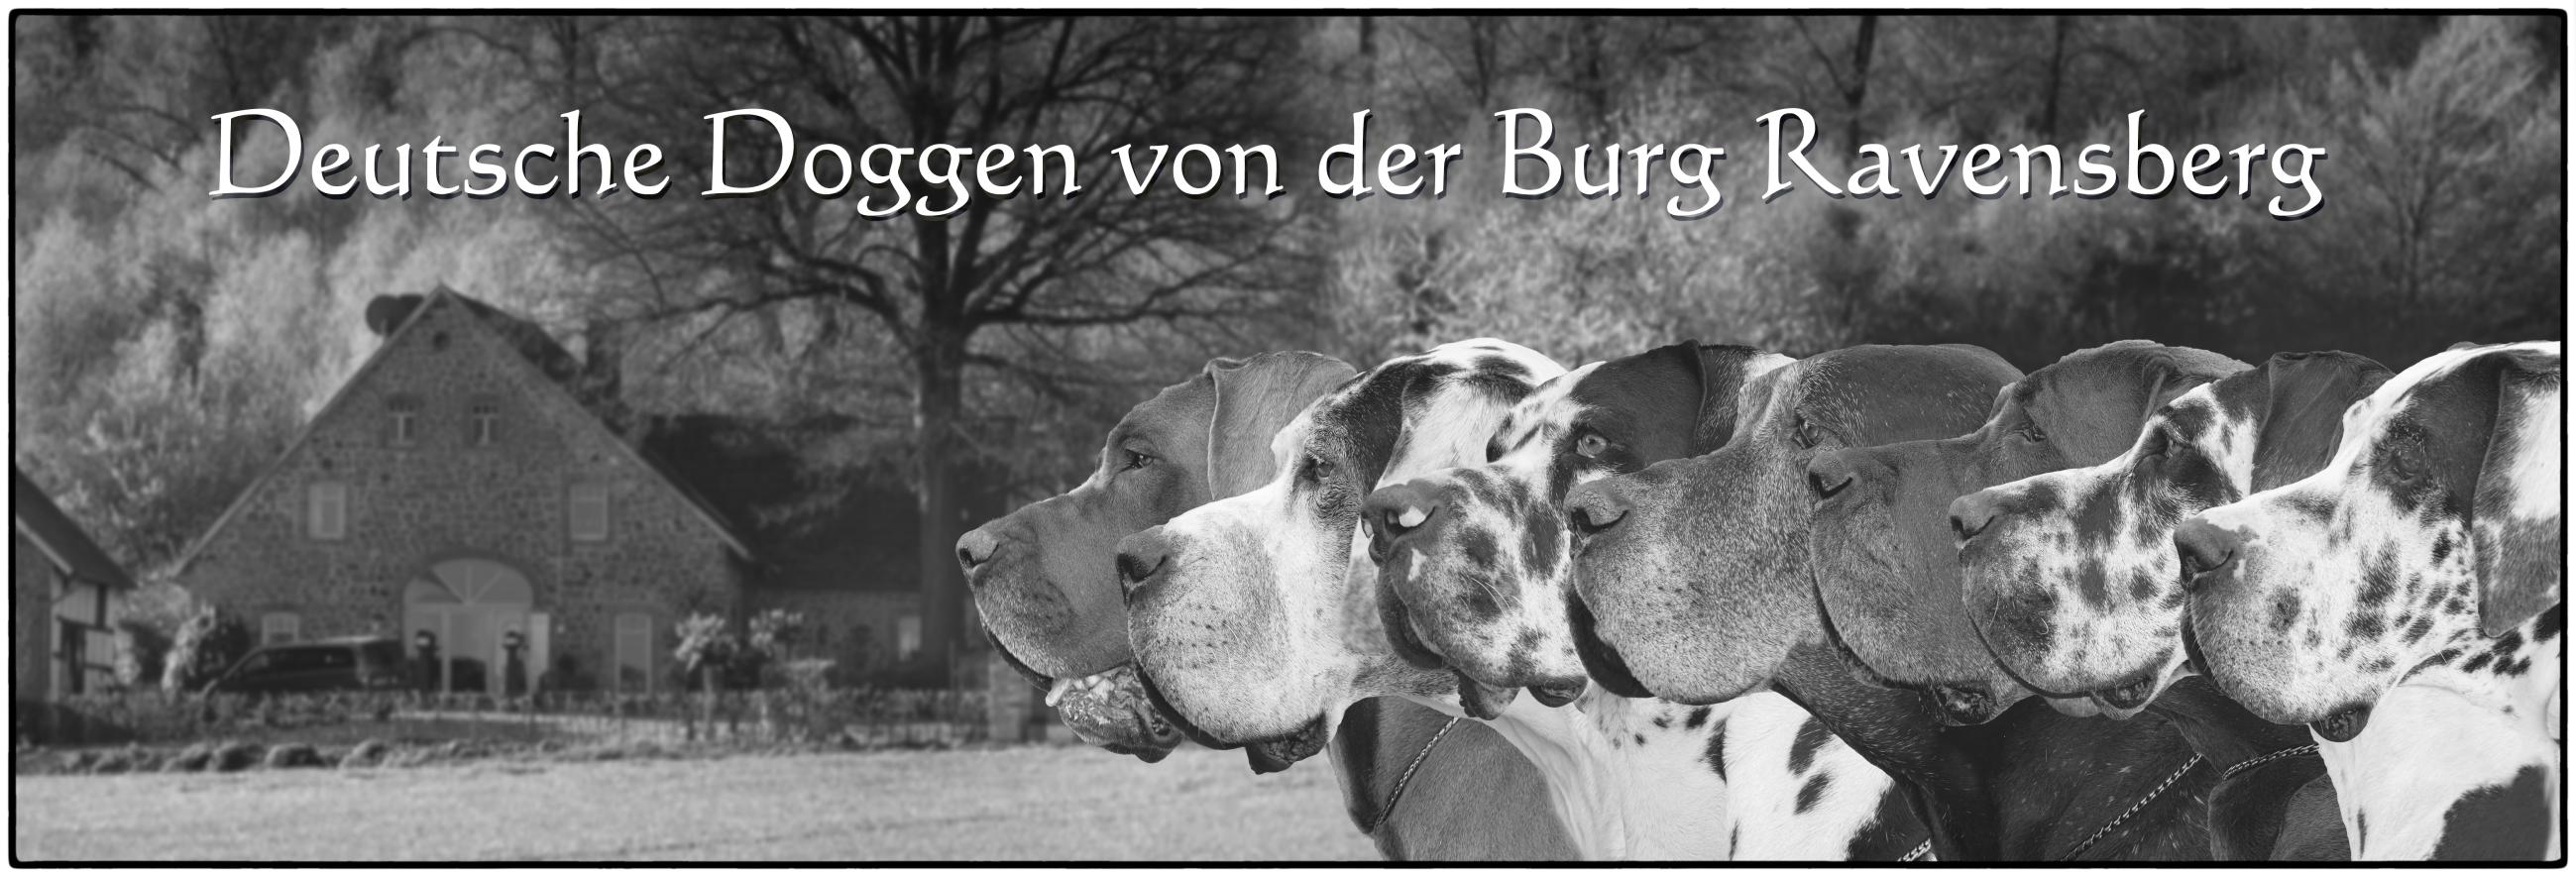 Deutsche Doggen von der Burg Ravensberg